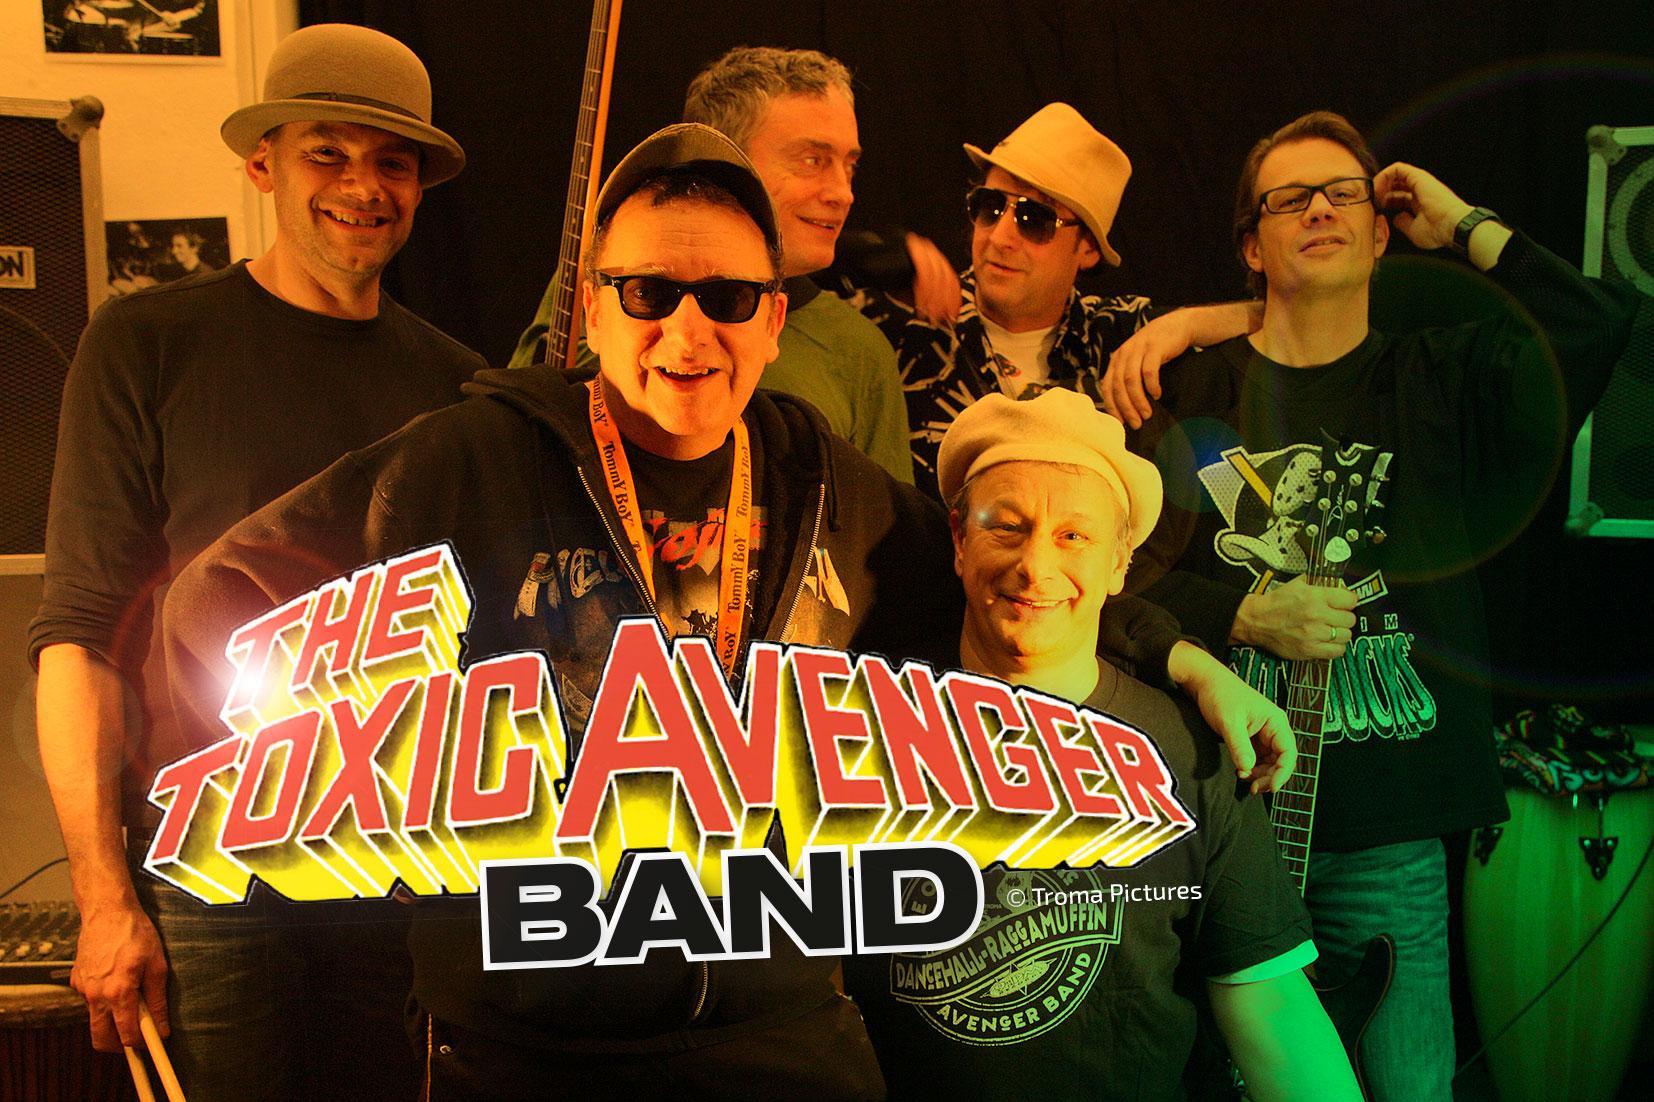 Toxic Avenger Band